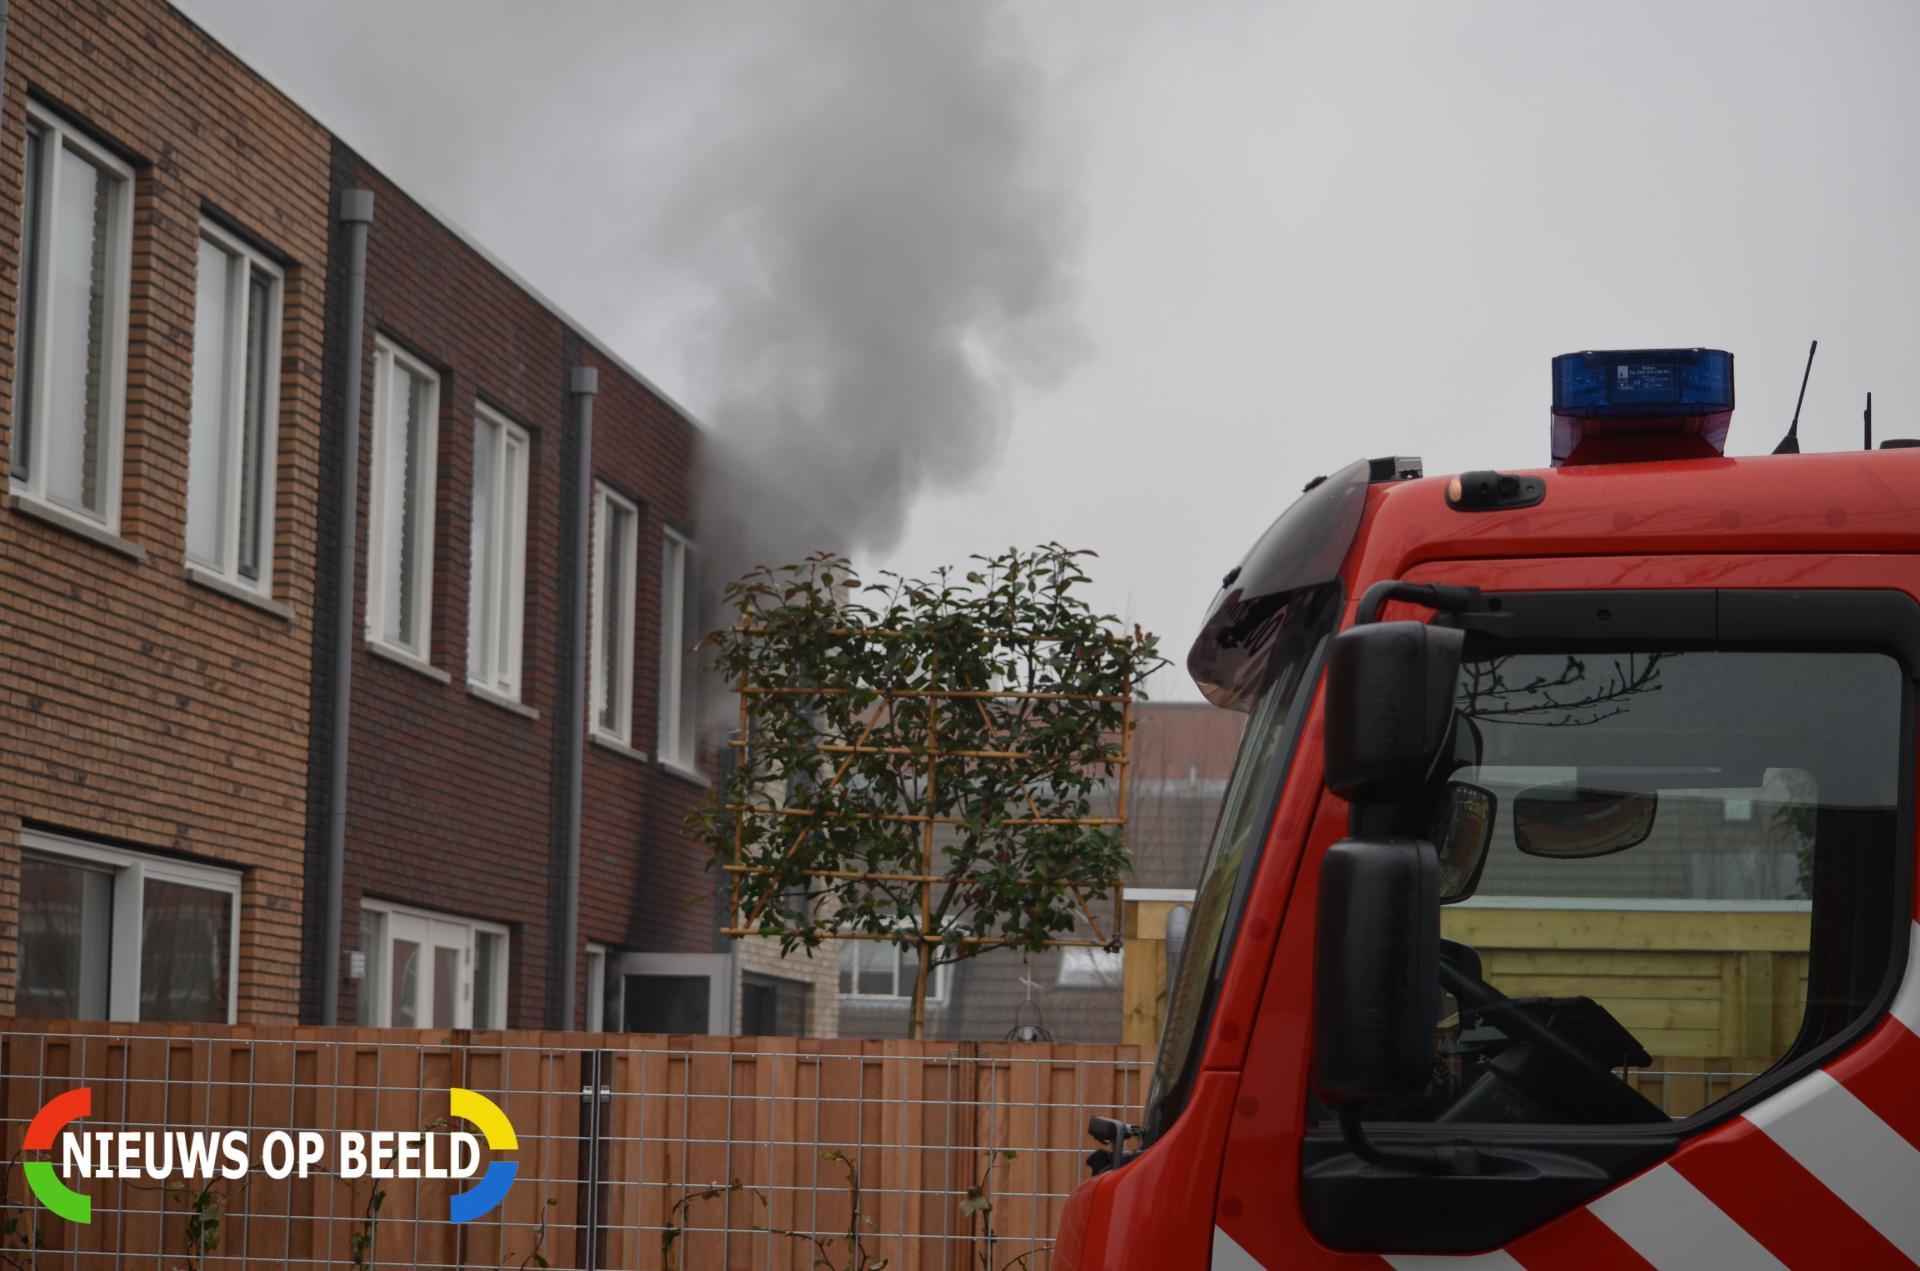 Dikke rookpluimen bij brand in woning Agaat Zoetermeer